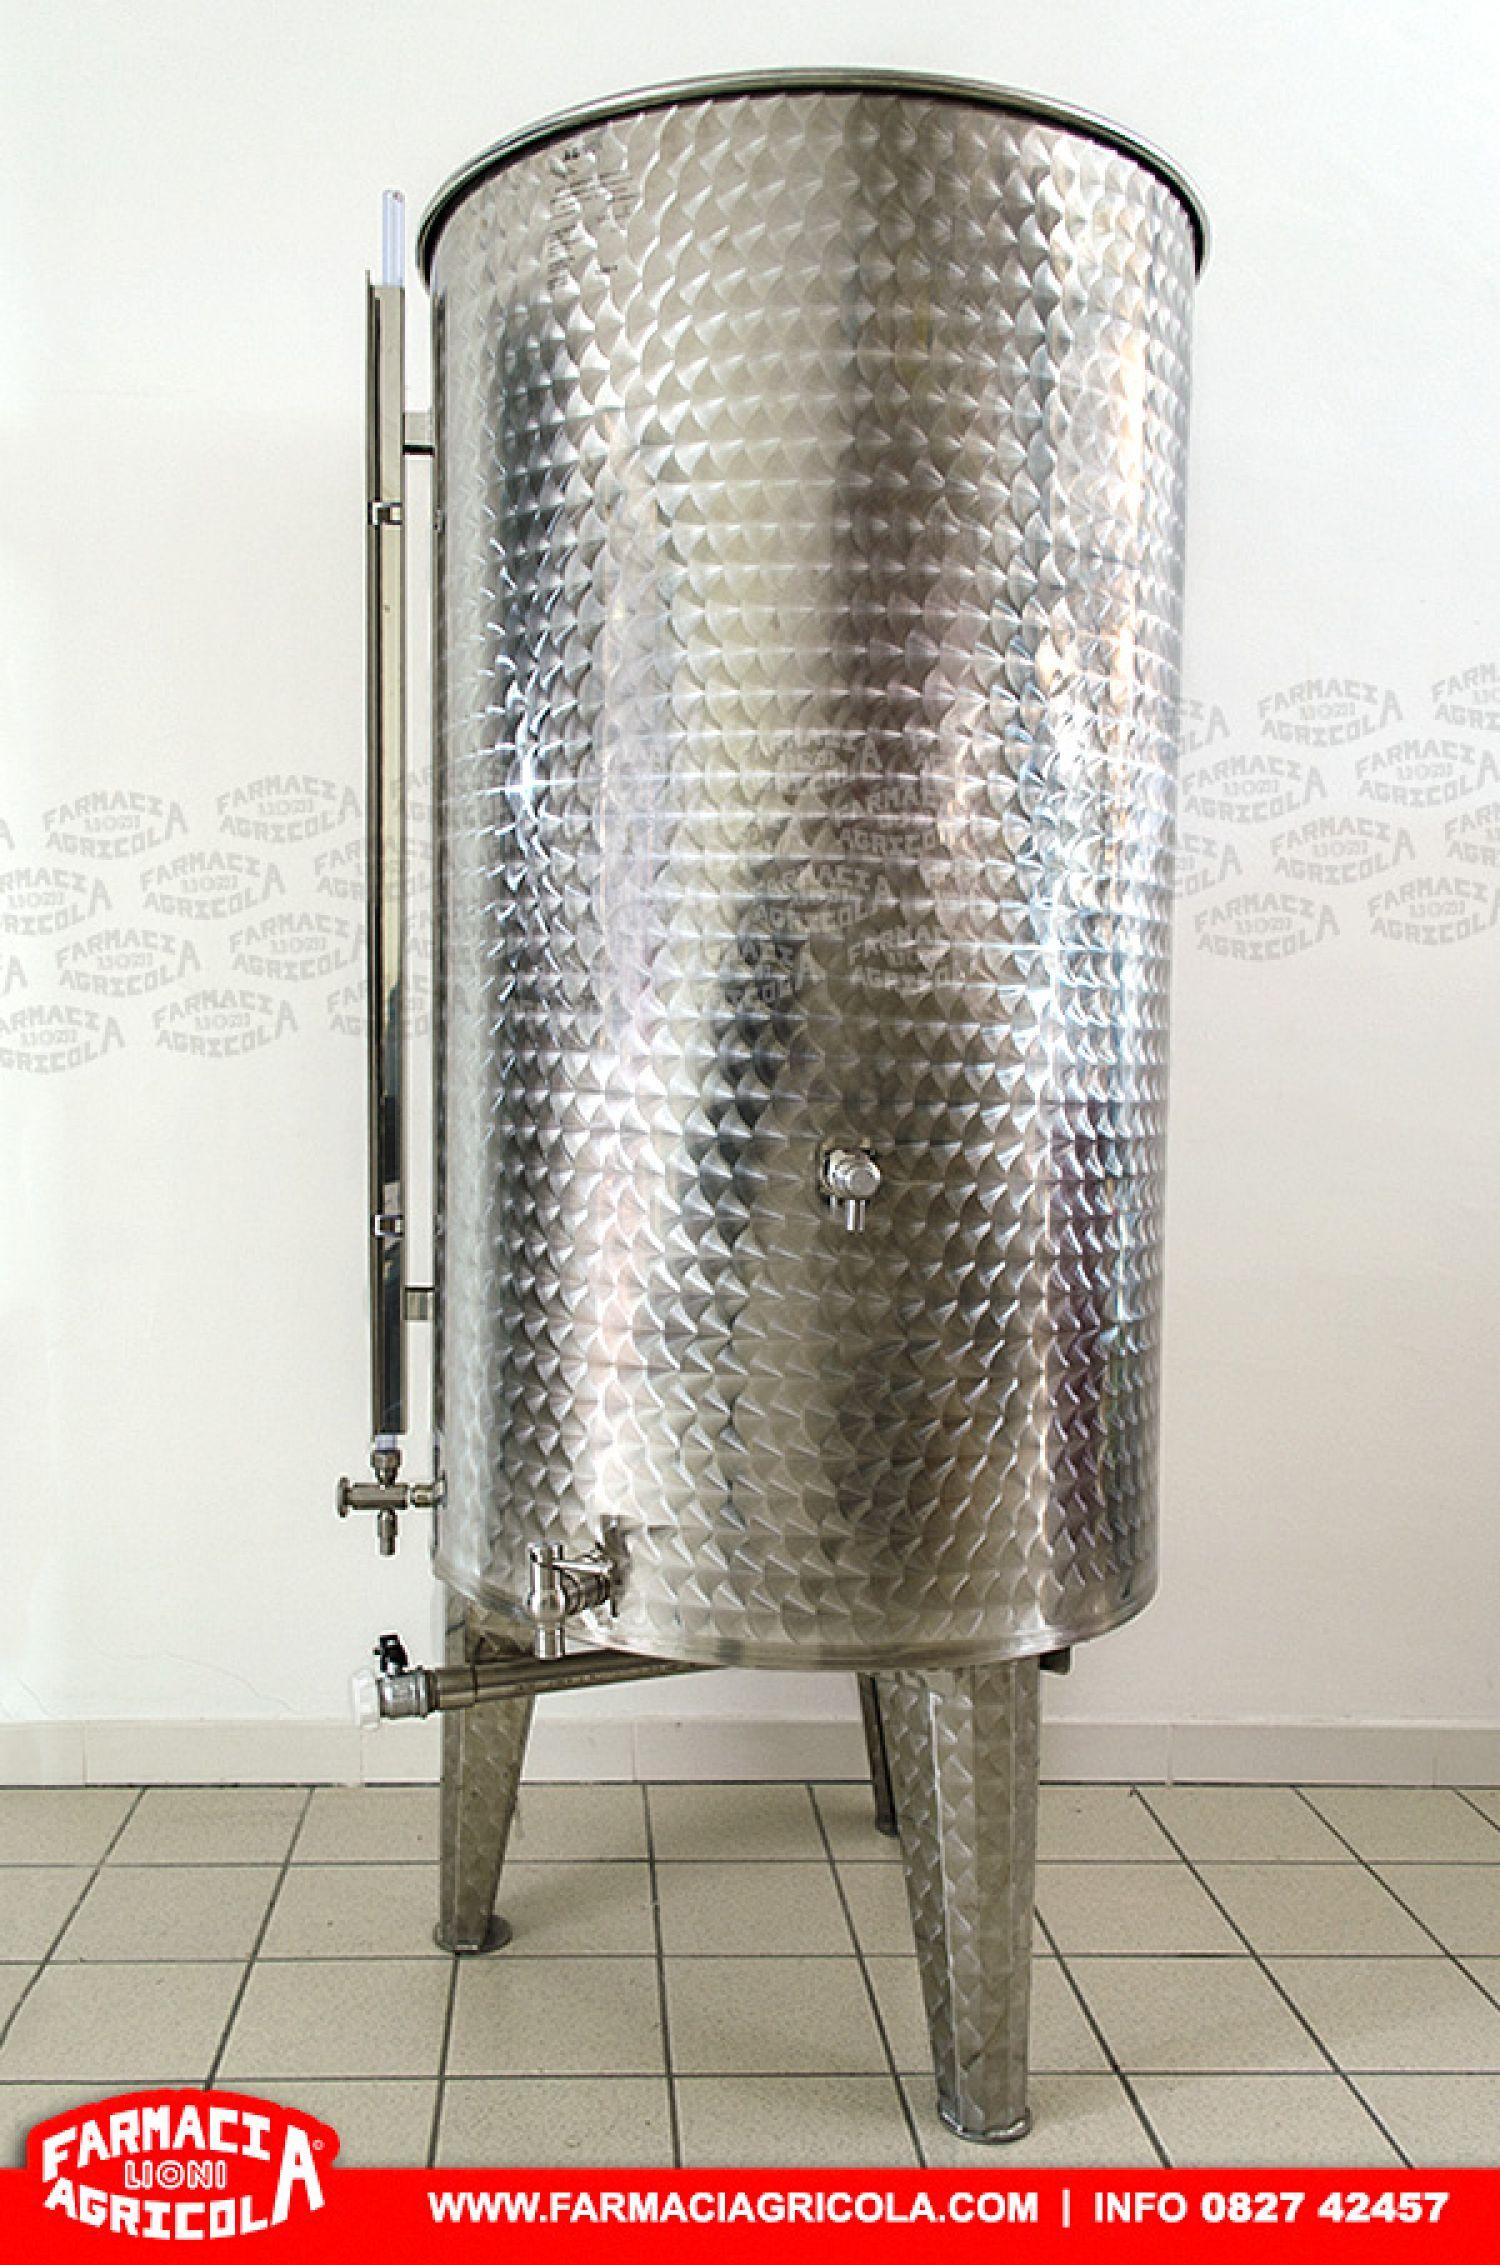 BOTTE o SERBATOIO CONICO da Litri 1000 per vino in ACCIAIO INOX  galleggiante chiusura olio